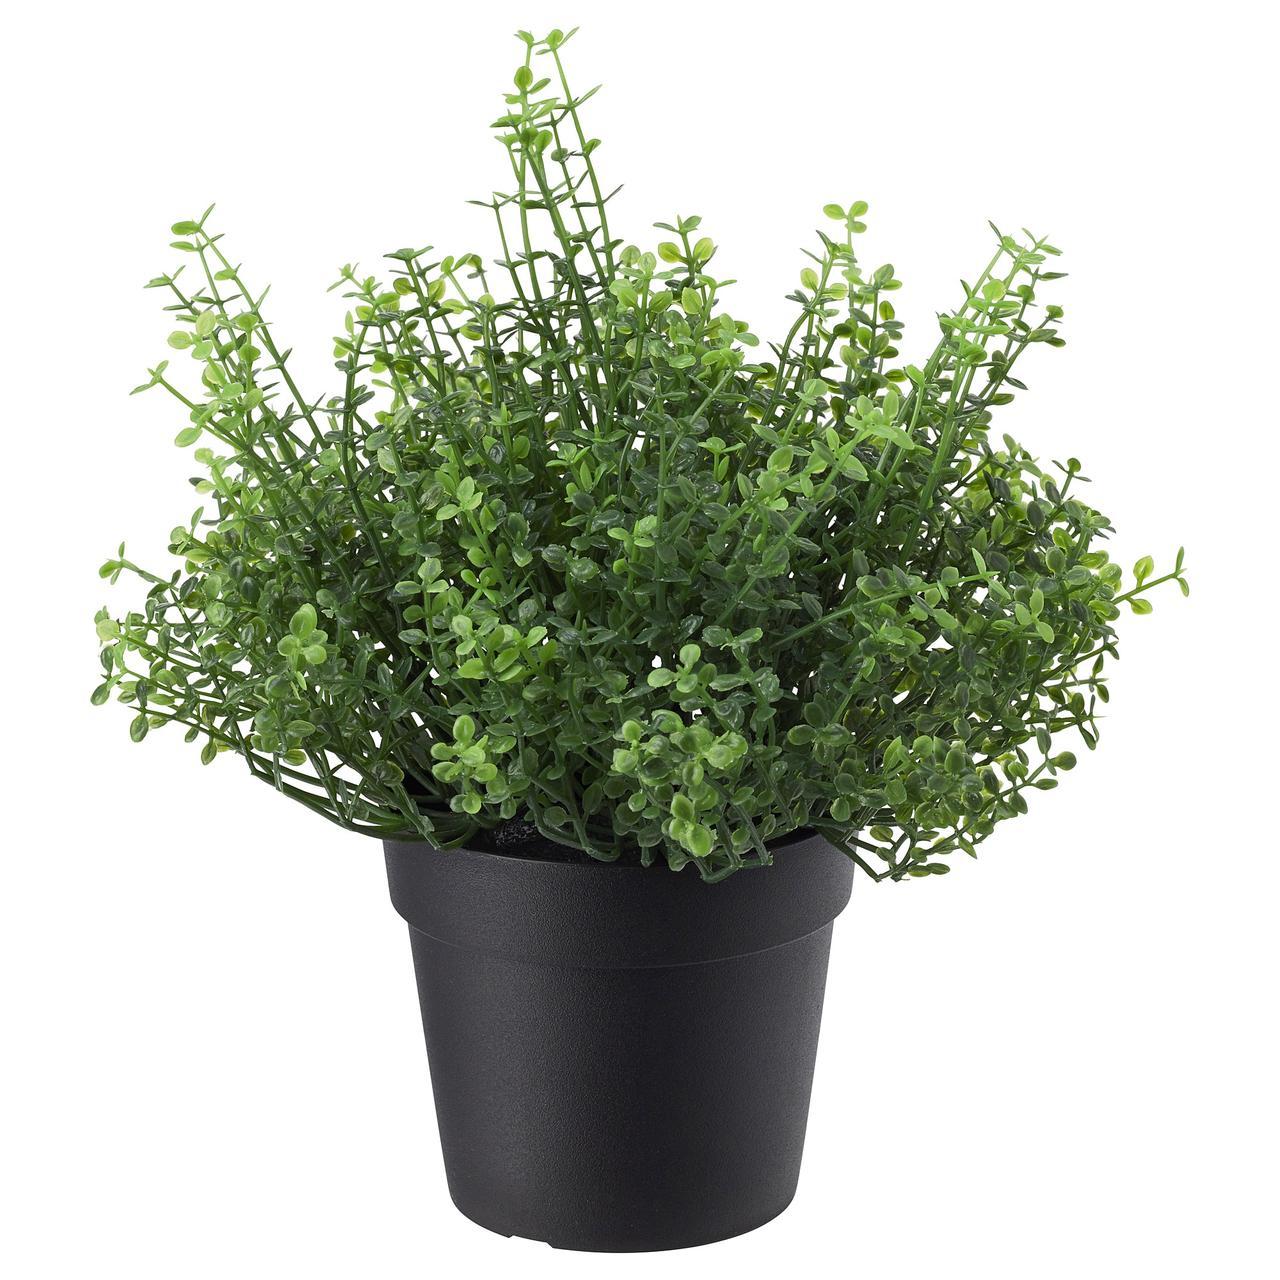 Искусственное растение в горшке IKEA FEJKA 9 см 903.953.37